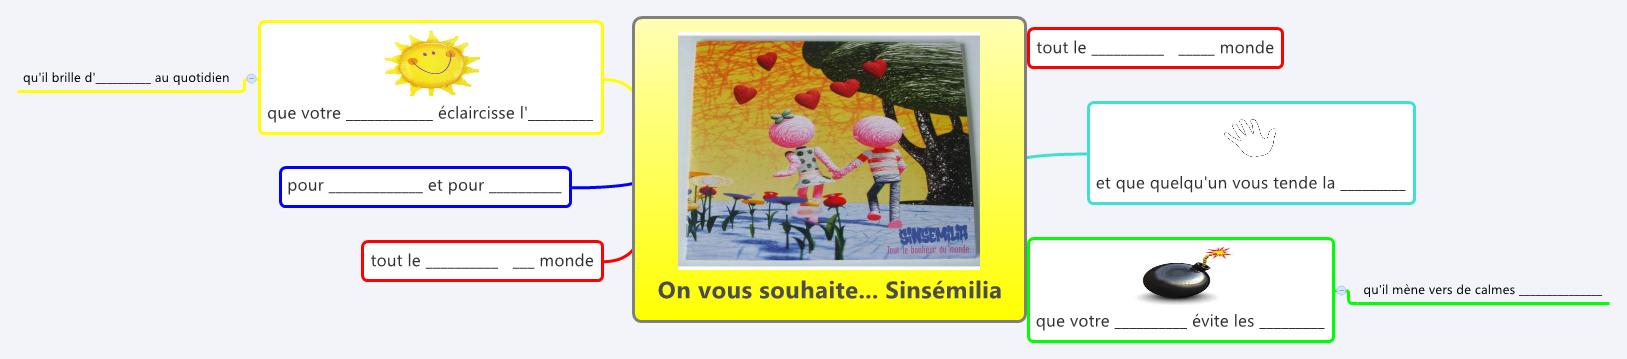 On vous souhaite... Sinsémilia